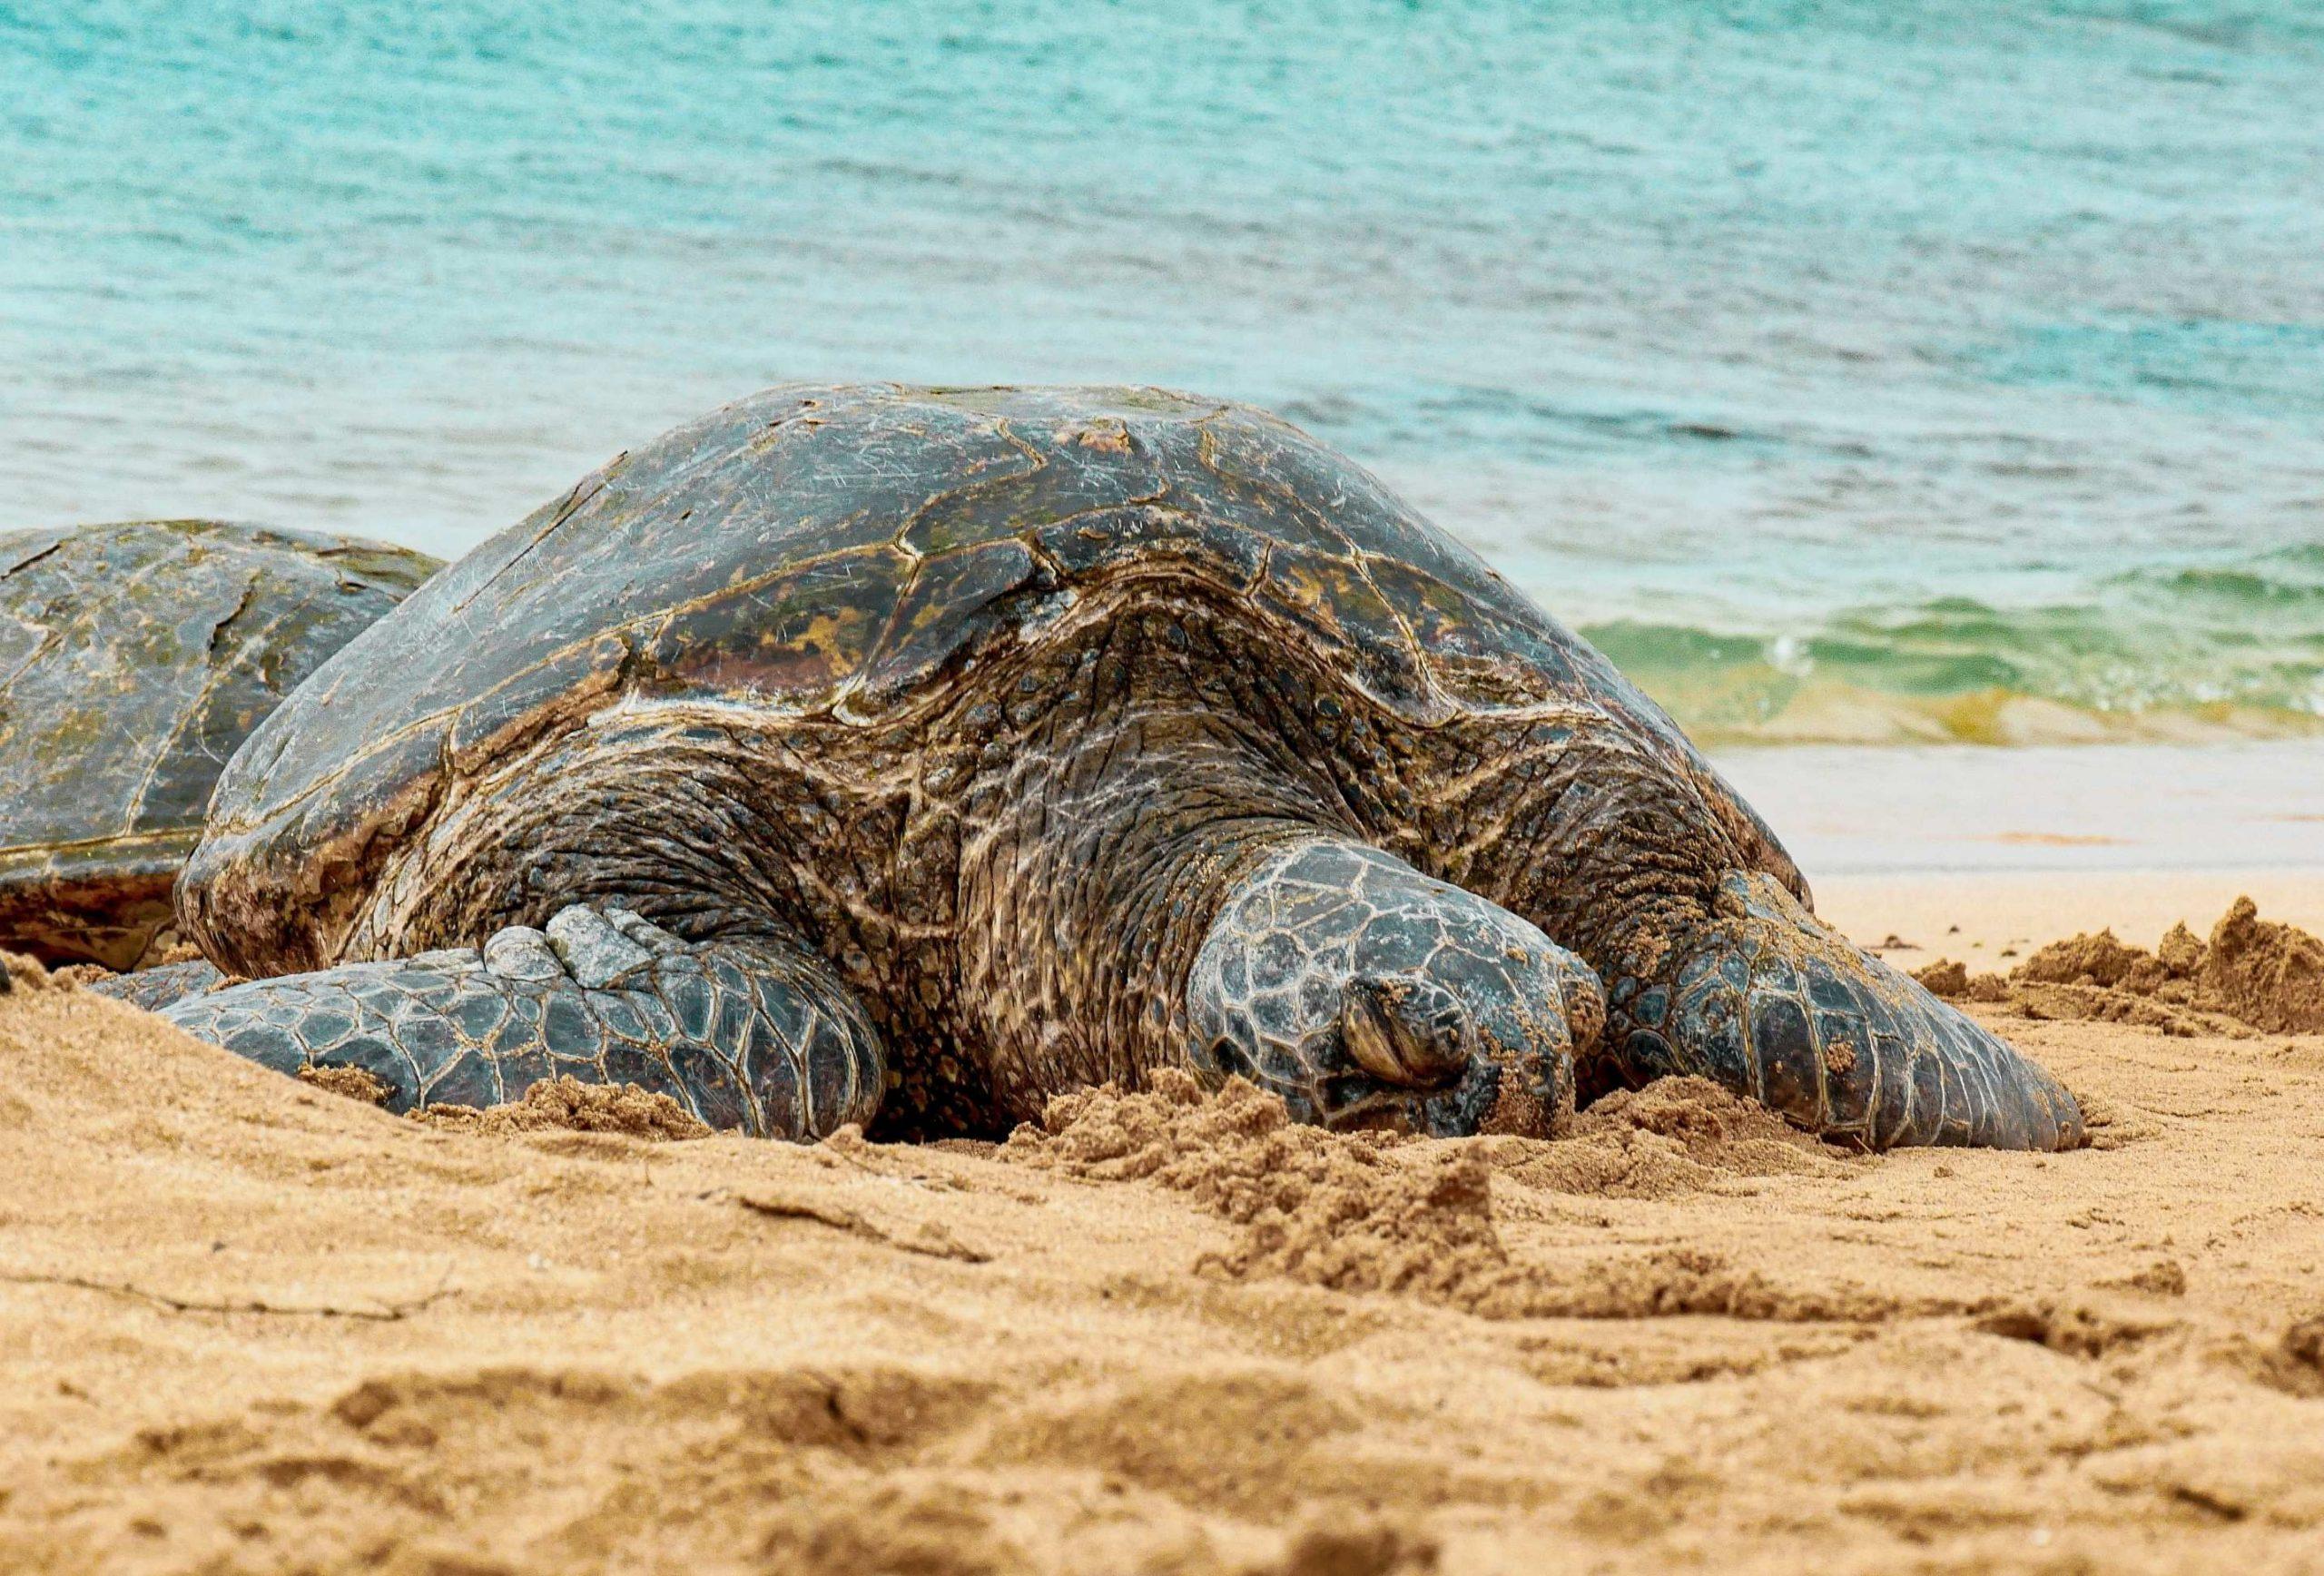 Schildkröte am Strand von Hawaii